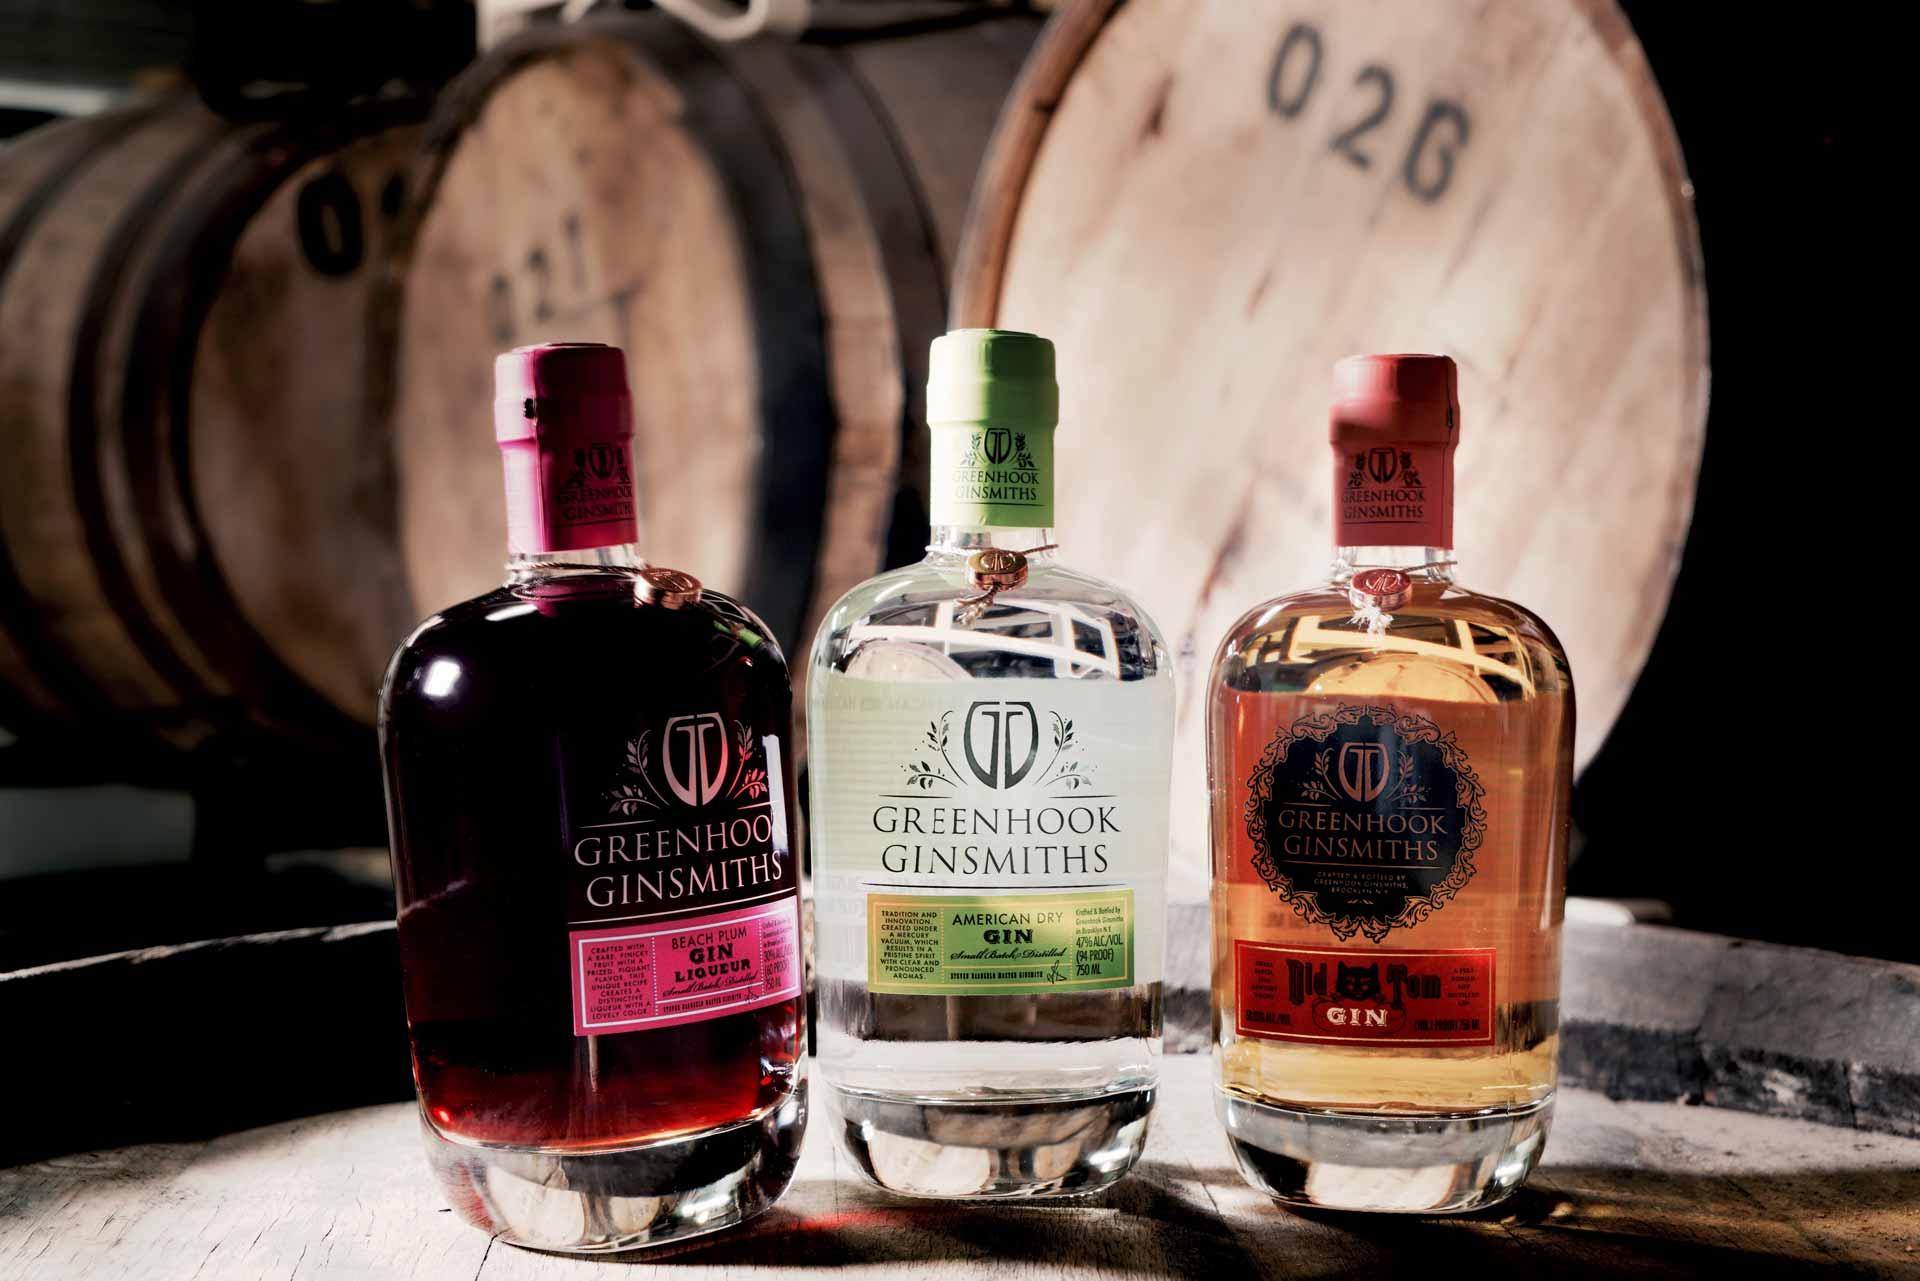 Greenhook Ginsmiths Gin Line Up | greenhookgin.com